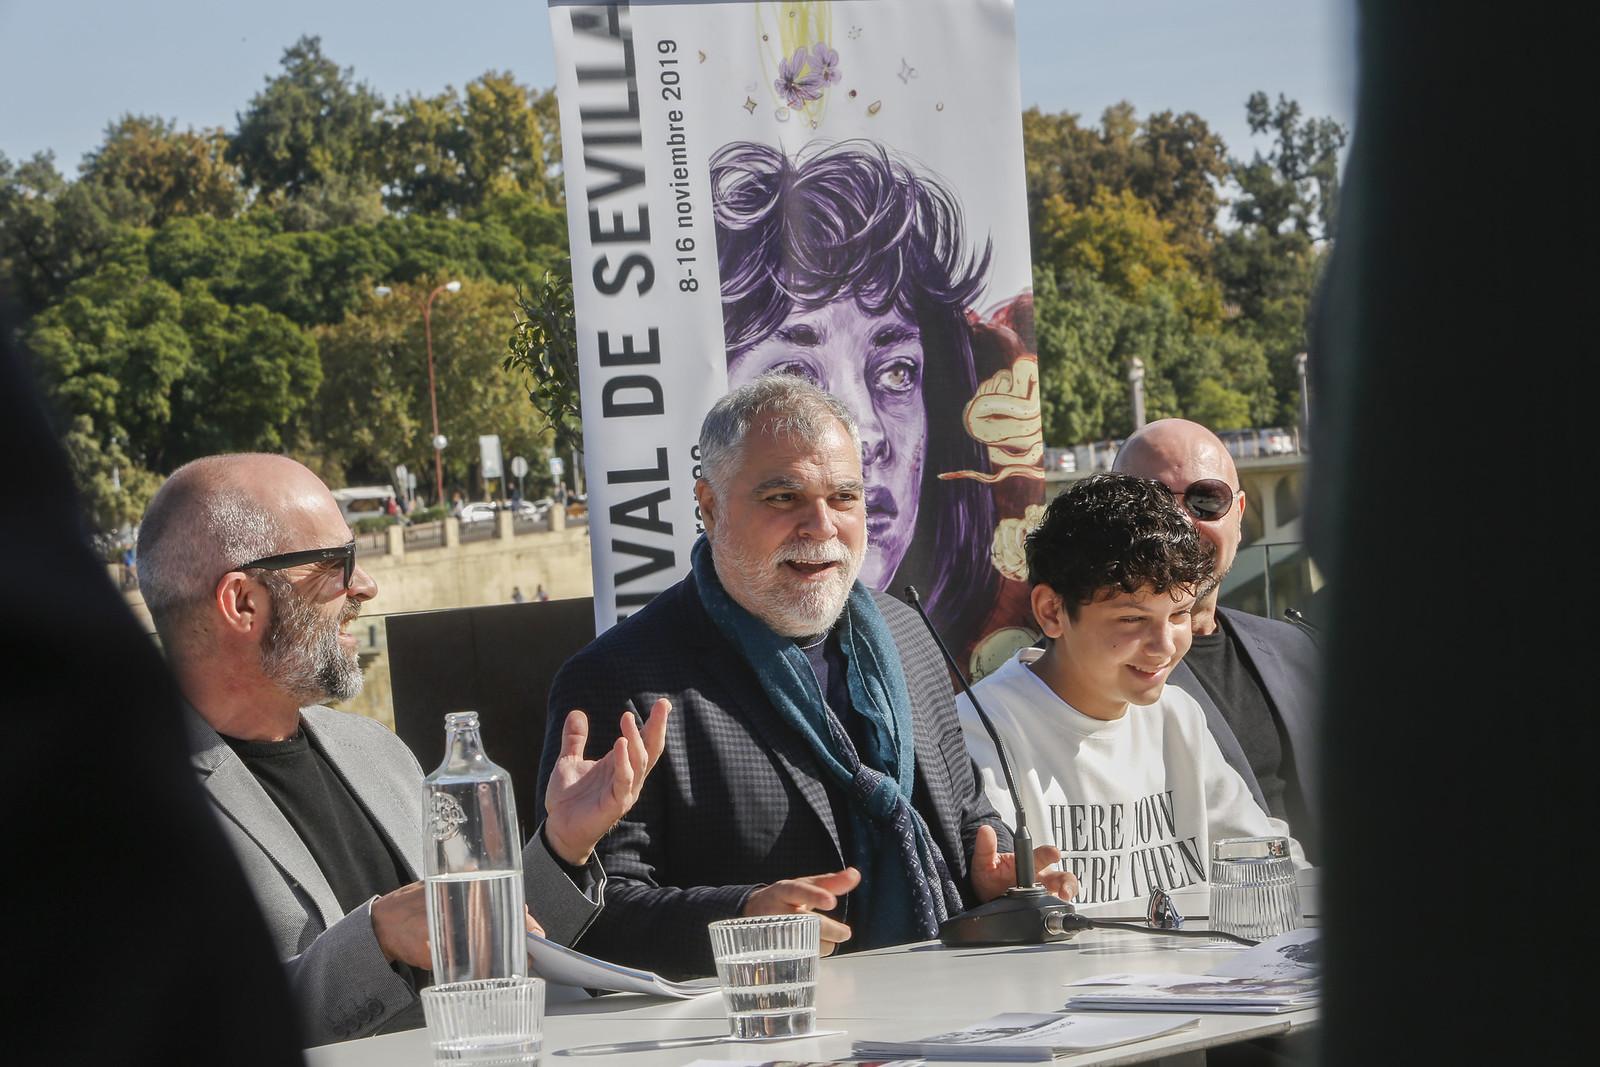 """Benito Zambrano: """"El cine, el arte y la cultura son ejercicios para crear mejores sociedades y personas""""."""